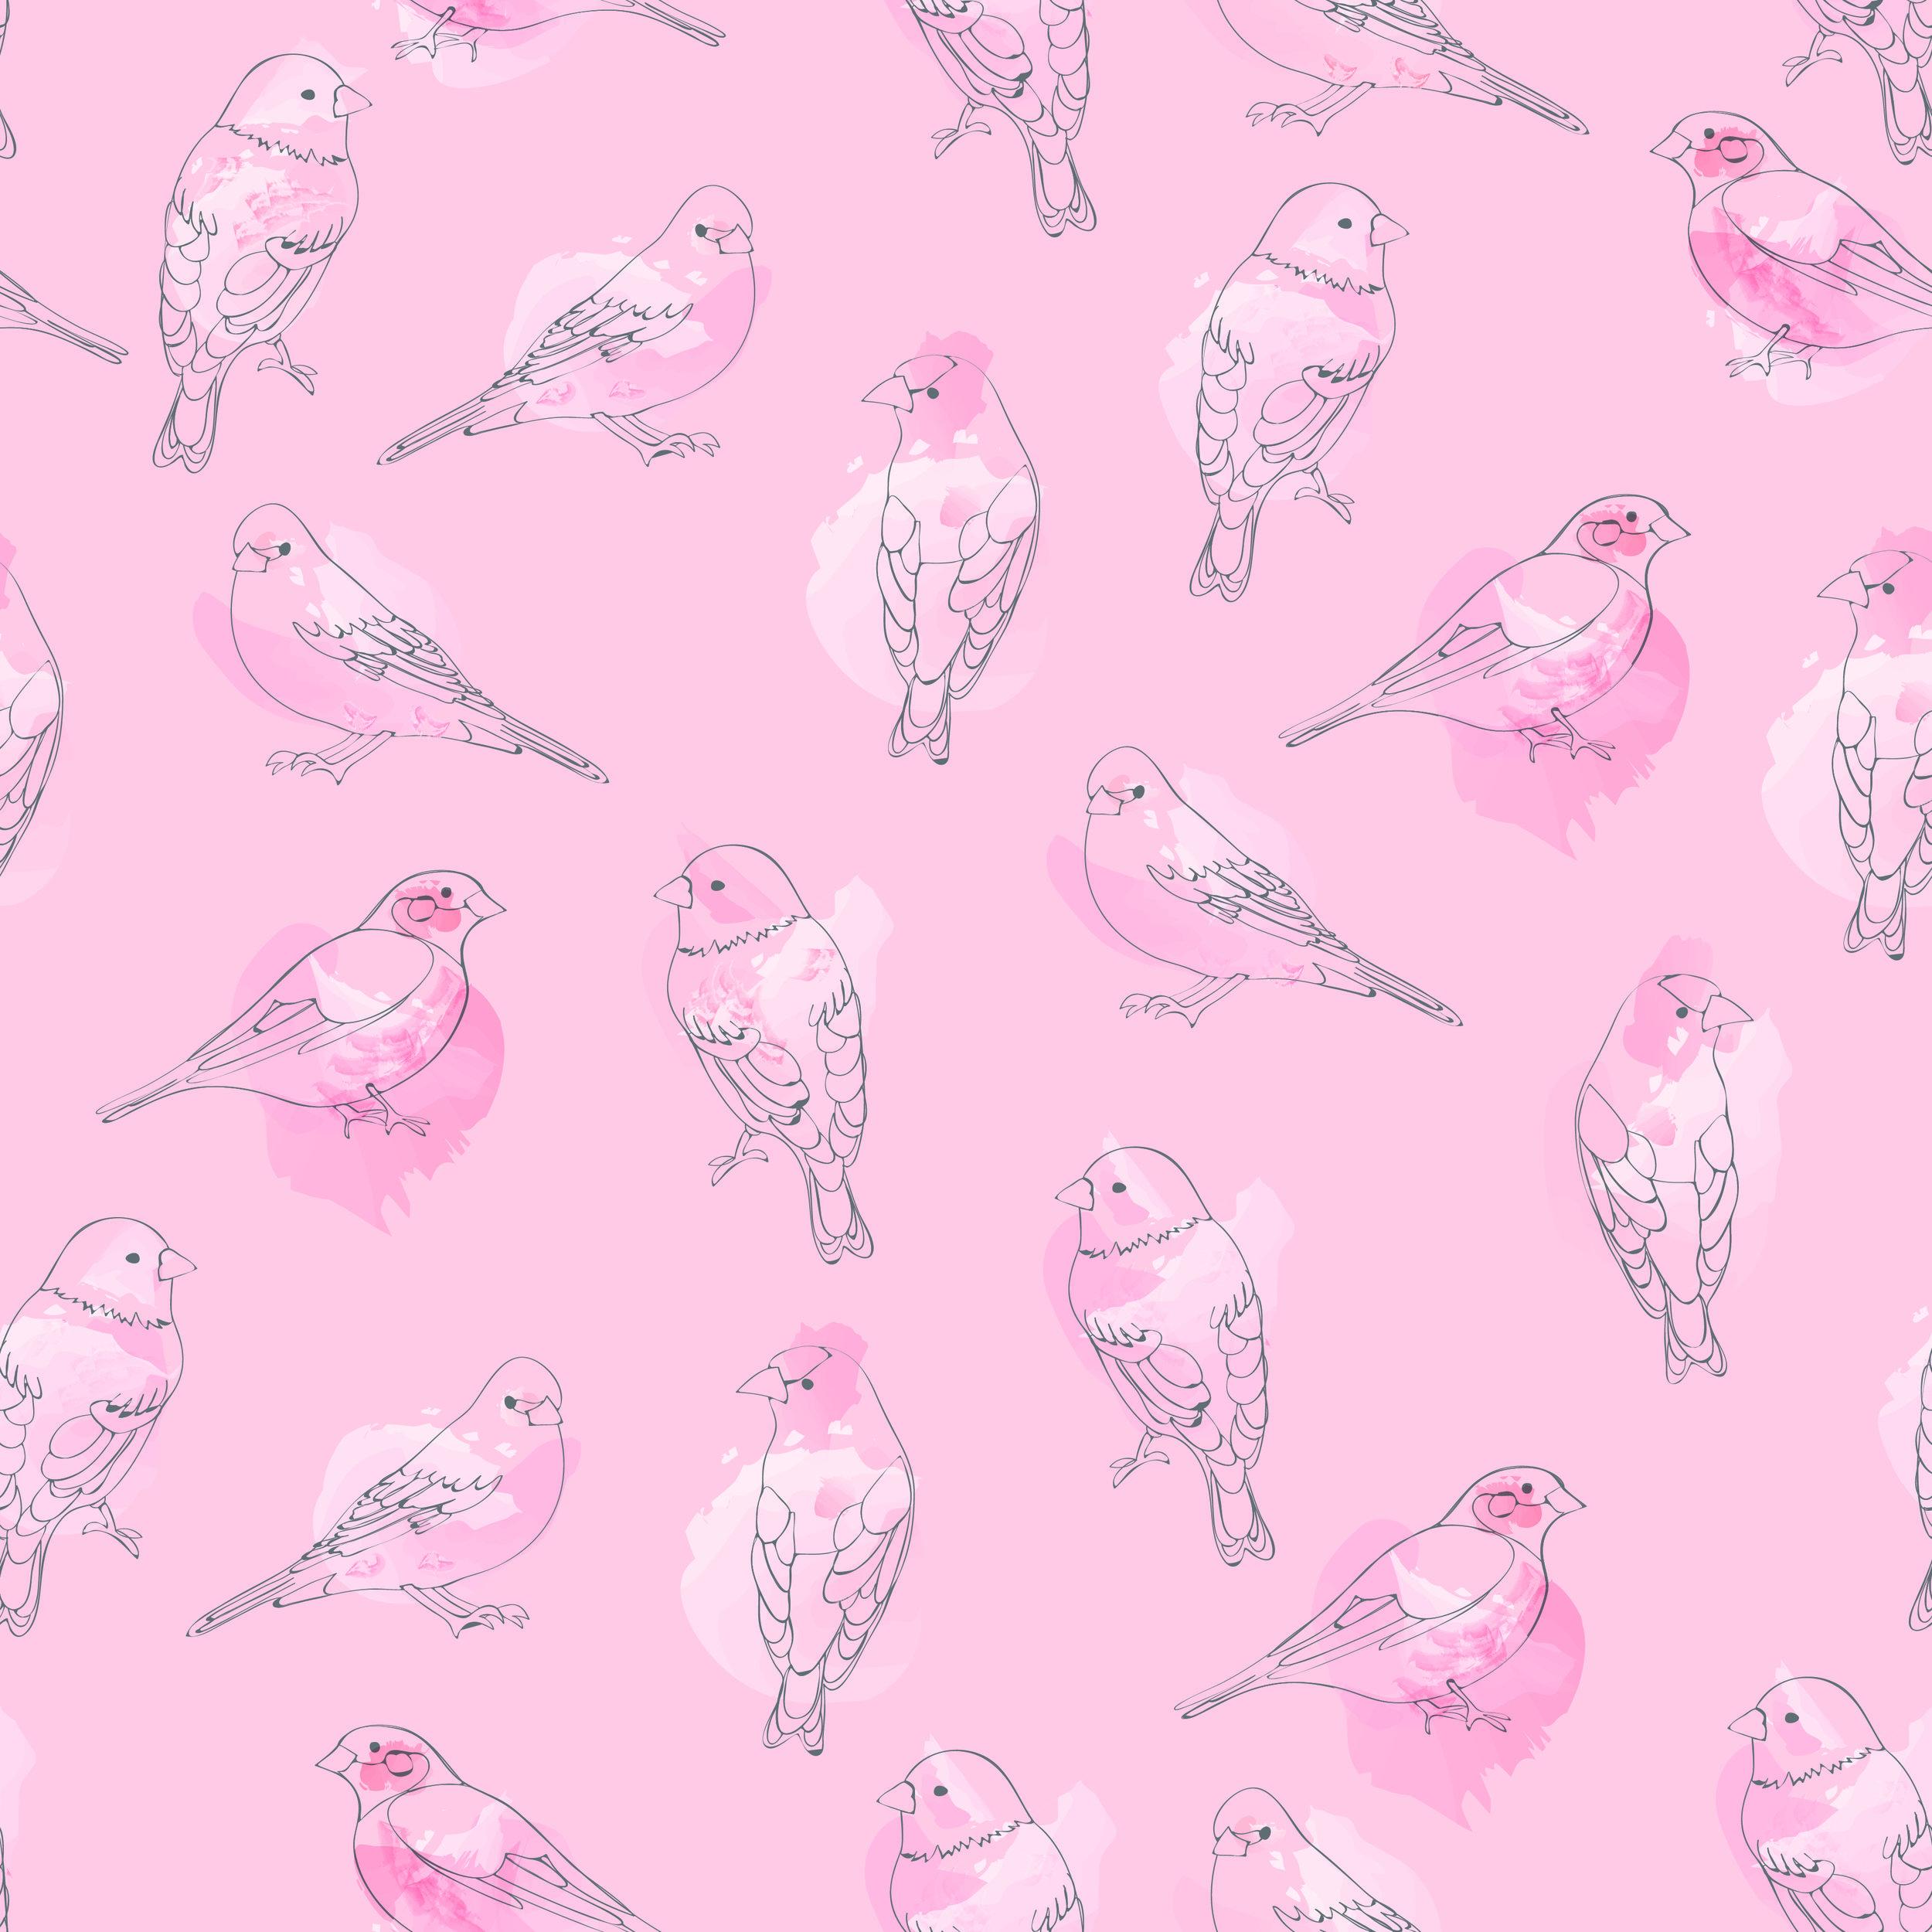 birds pink pink backround 2-01.jpg